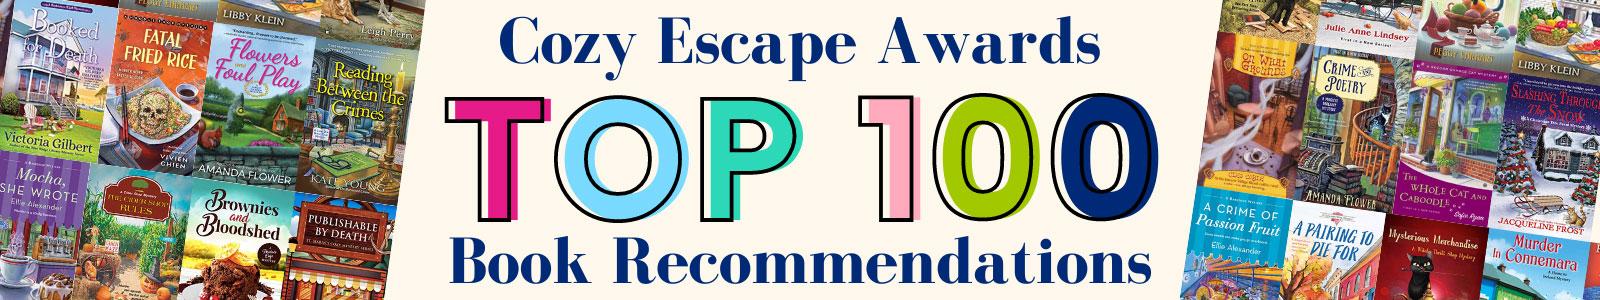 Cozy Escape Book Awards - Top 100 Cozy Mysteries